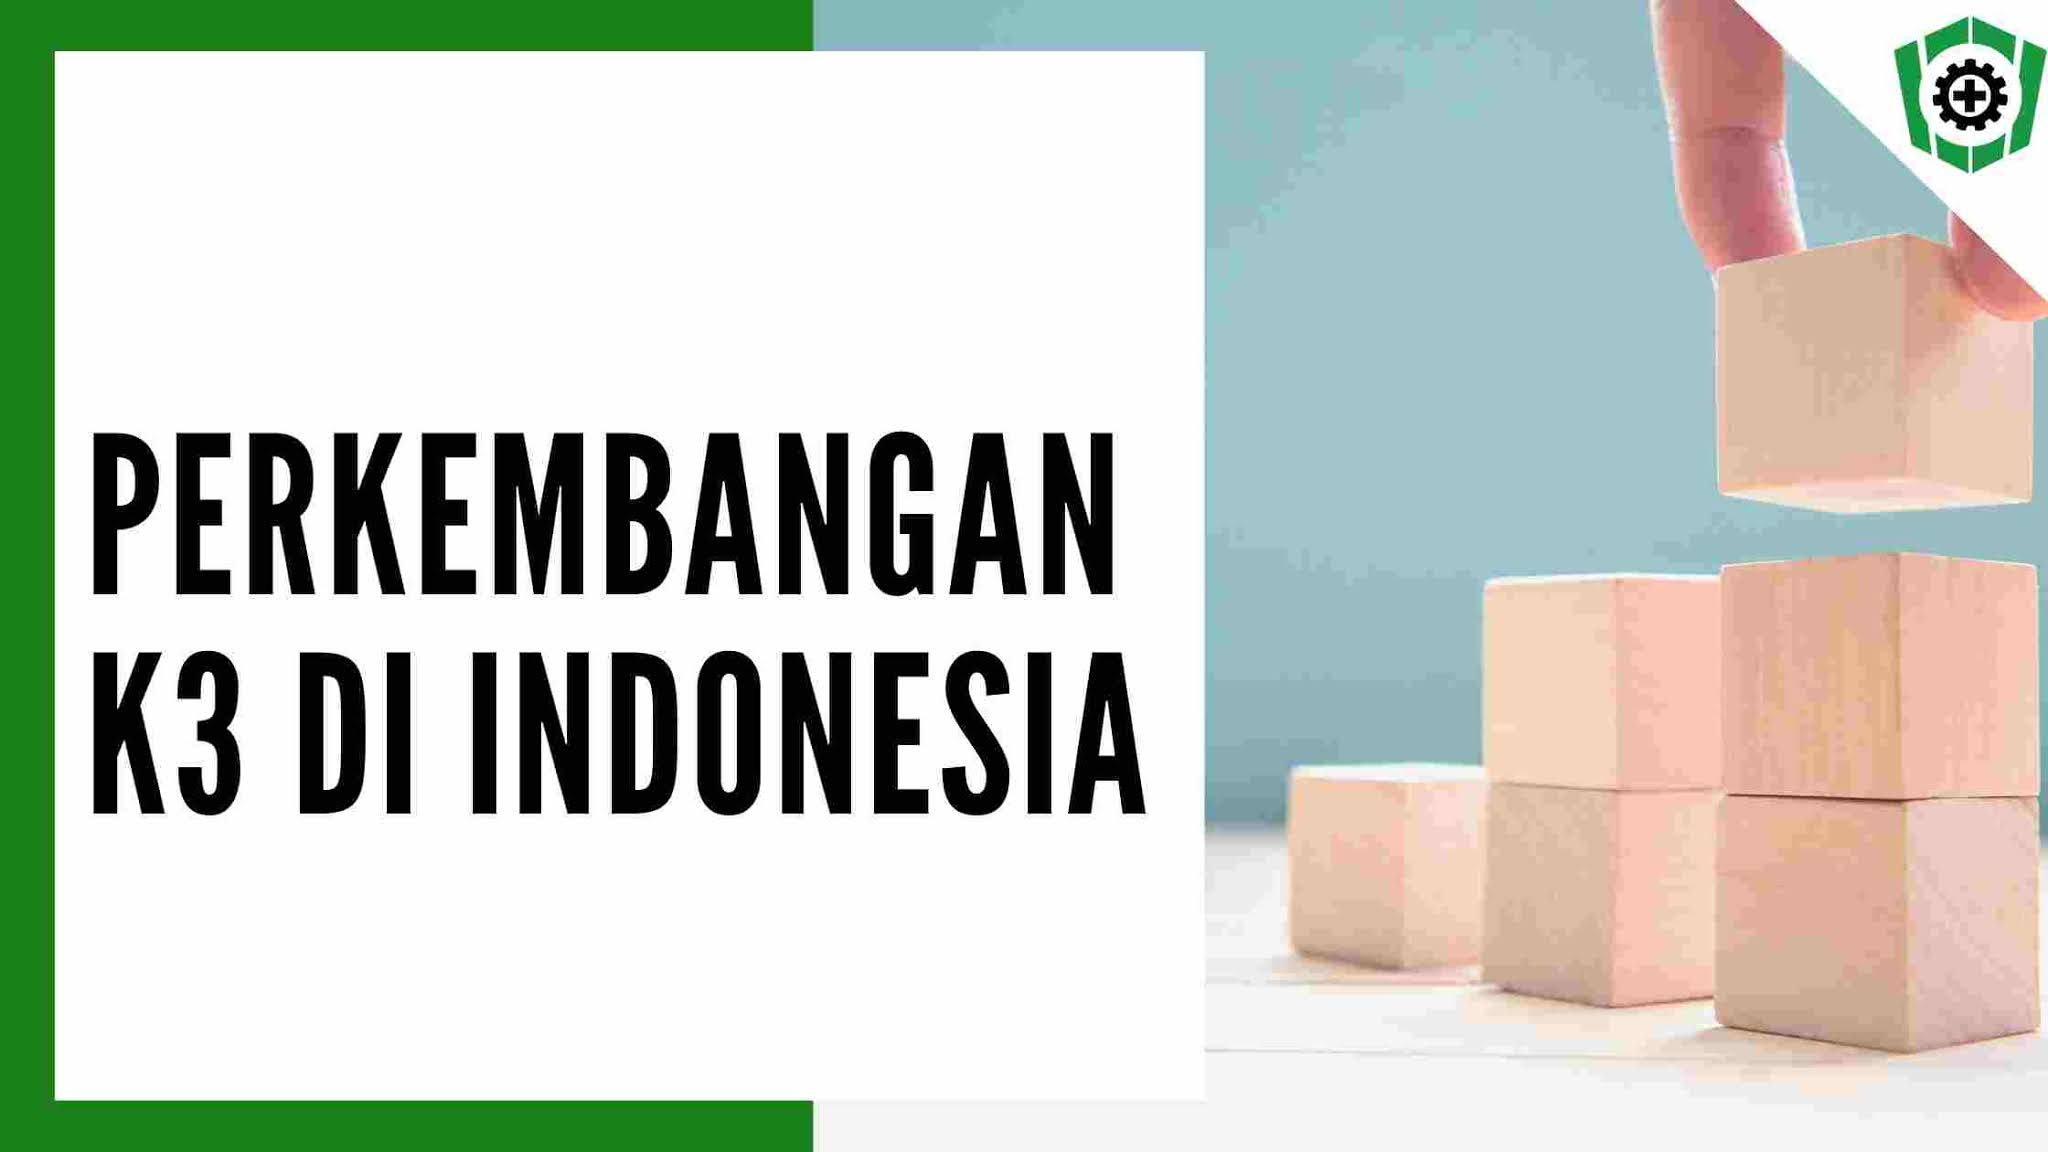 Perkembangan K3 di Indonesia